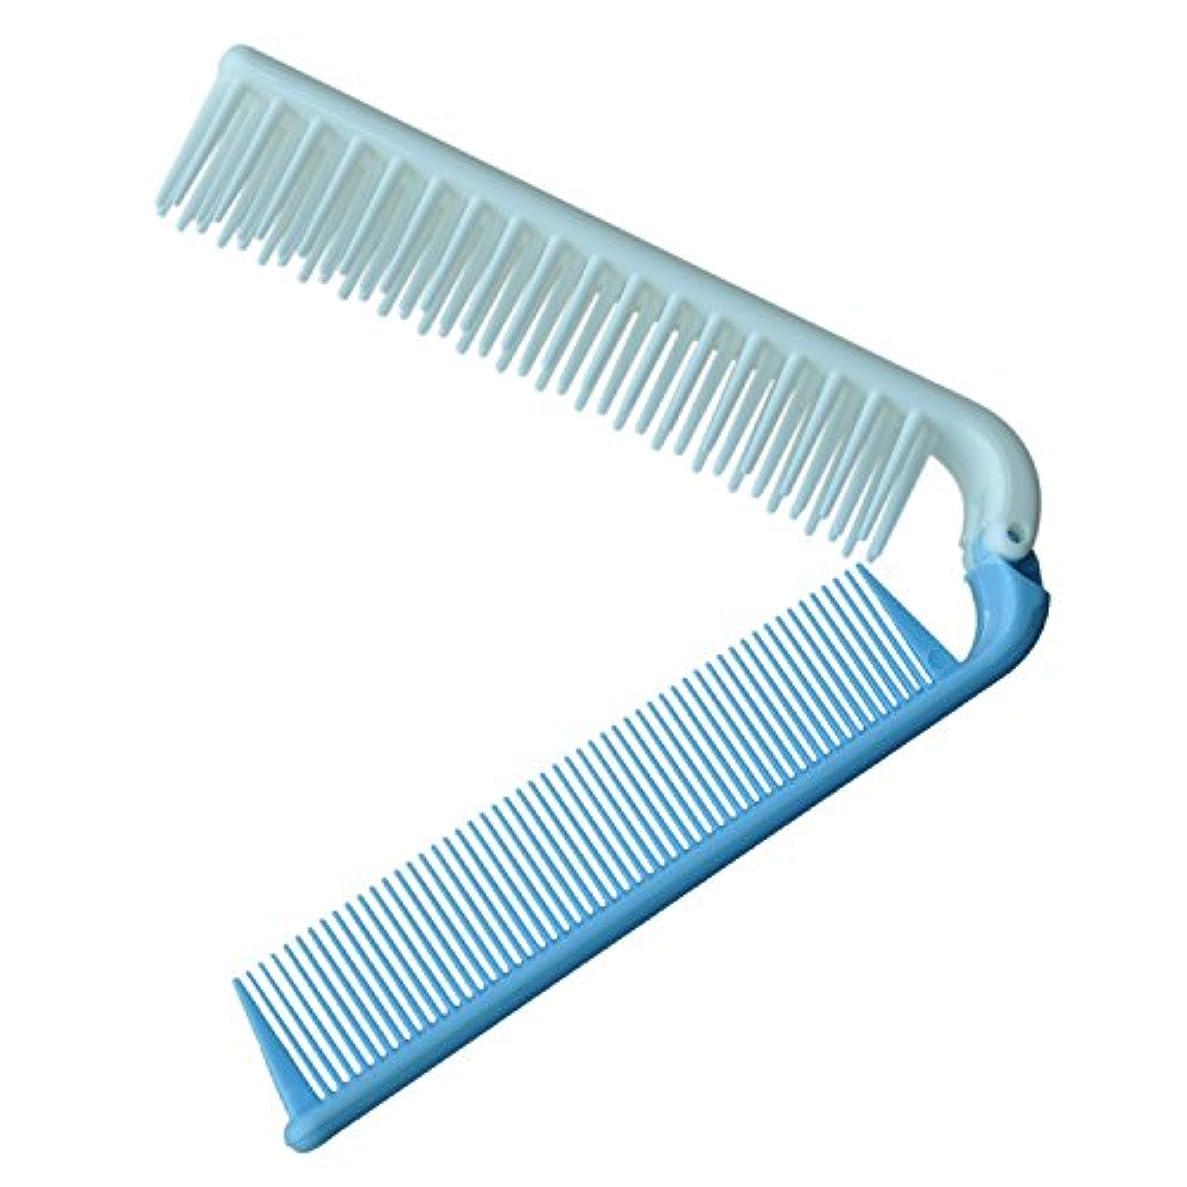 給料資産野心CUHAWUDBA 旅行スカイブルー粗い歯の折りたたみデュアルヘアブラシ ポケットくし 7.4